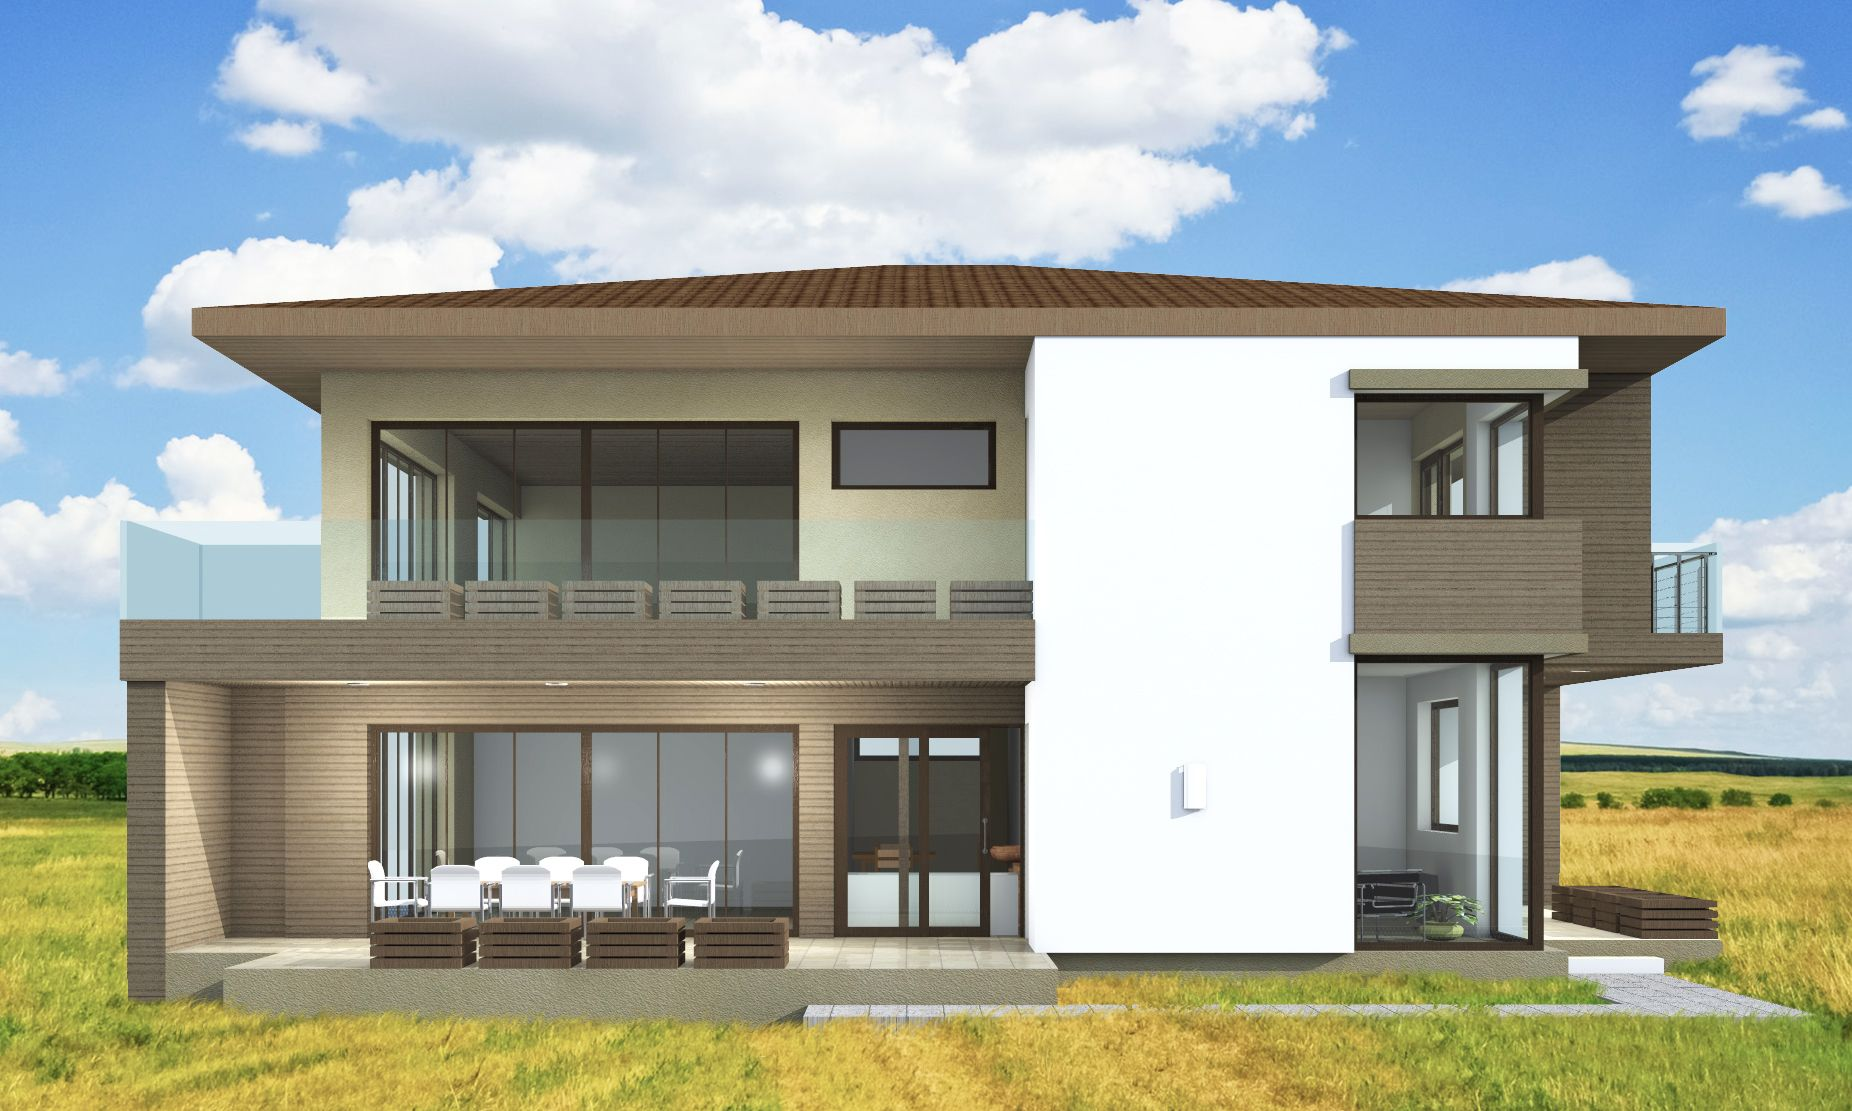 Plan Maison Duplex Gratuit Pdf Plans De Maison Duplex Plan De Maison Gratuit Plan Maison Moderne